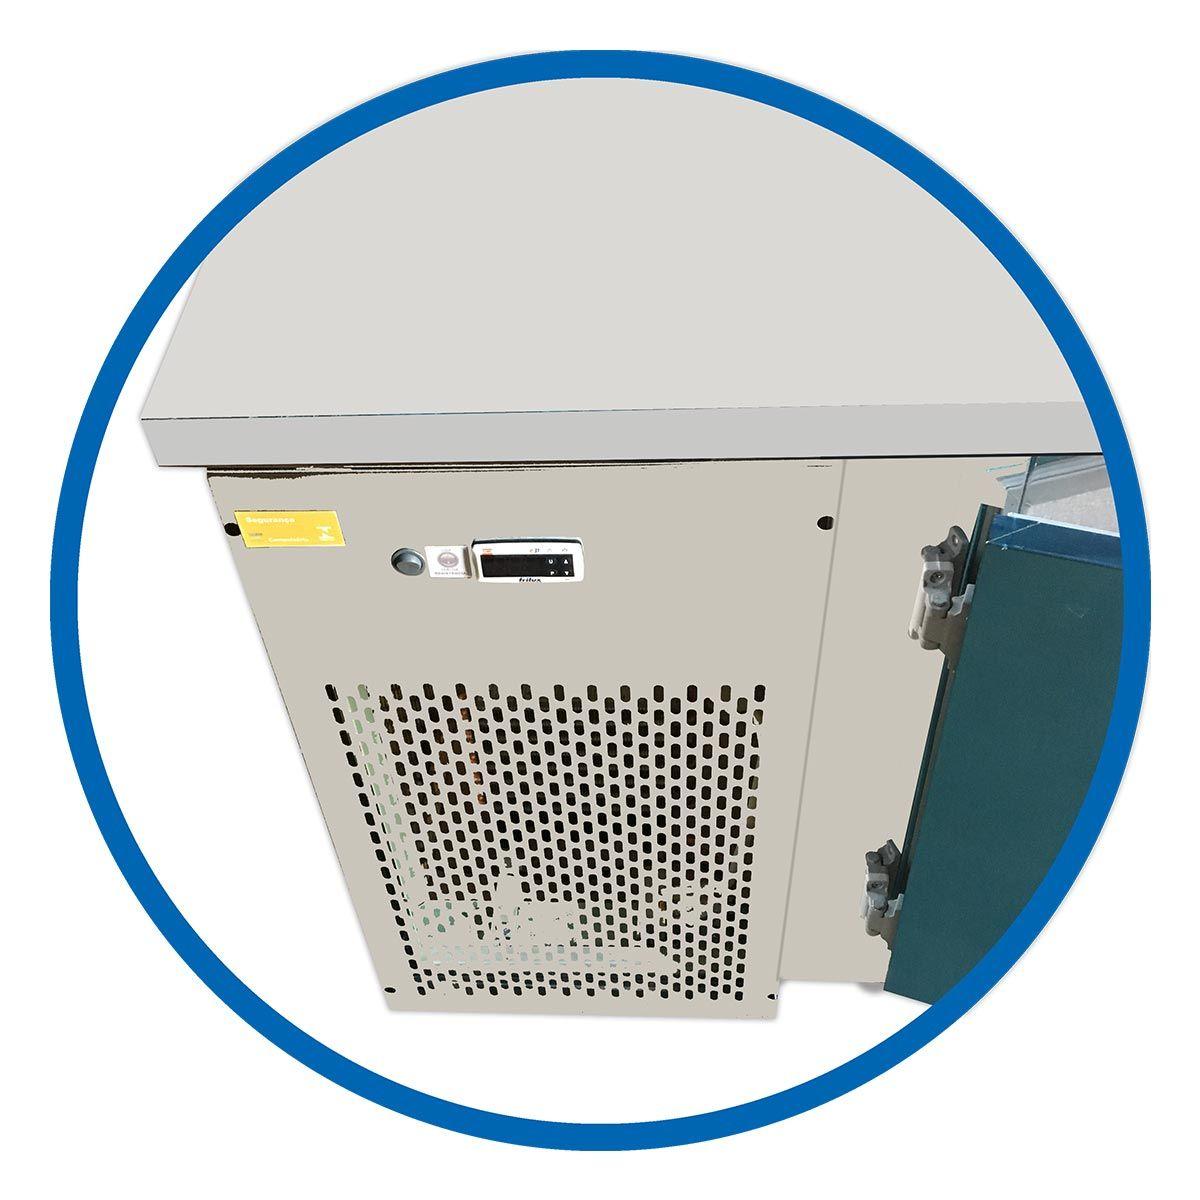 Balcão De Serviço 2,5M Ar Forçado Inox Para Congelados Com Encosto 220V 3 Portas - Frilux